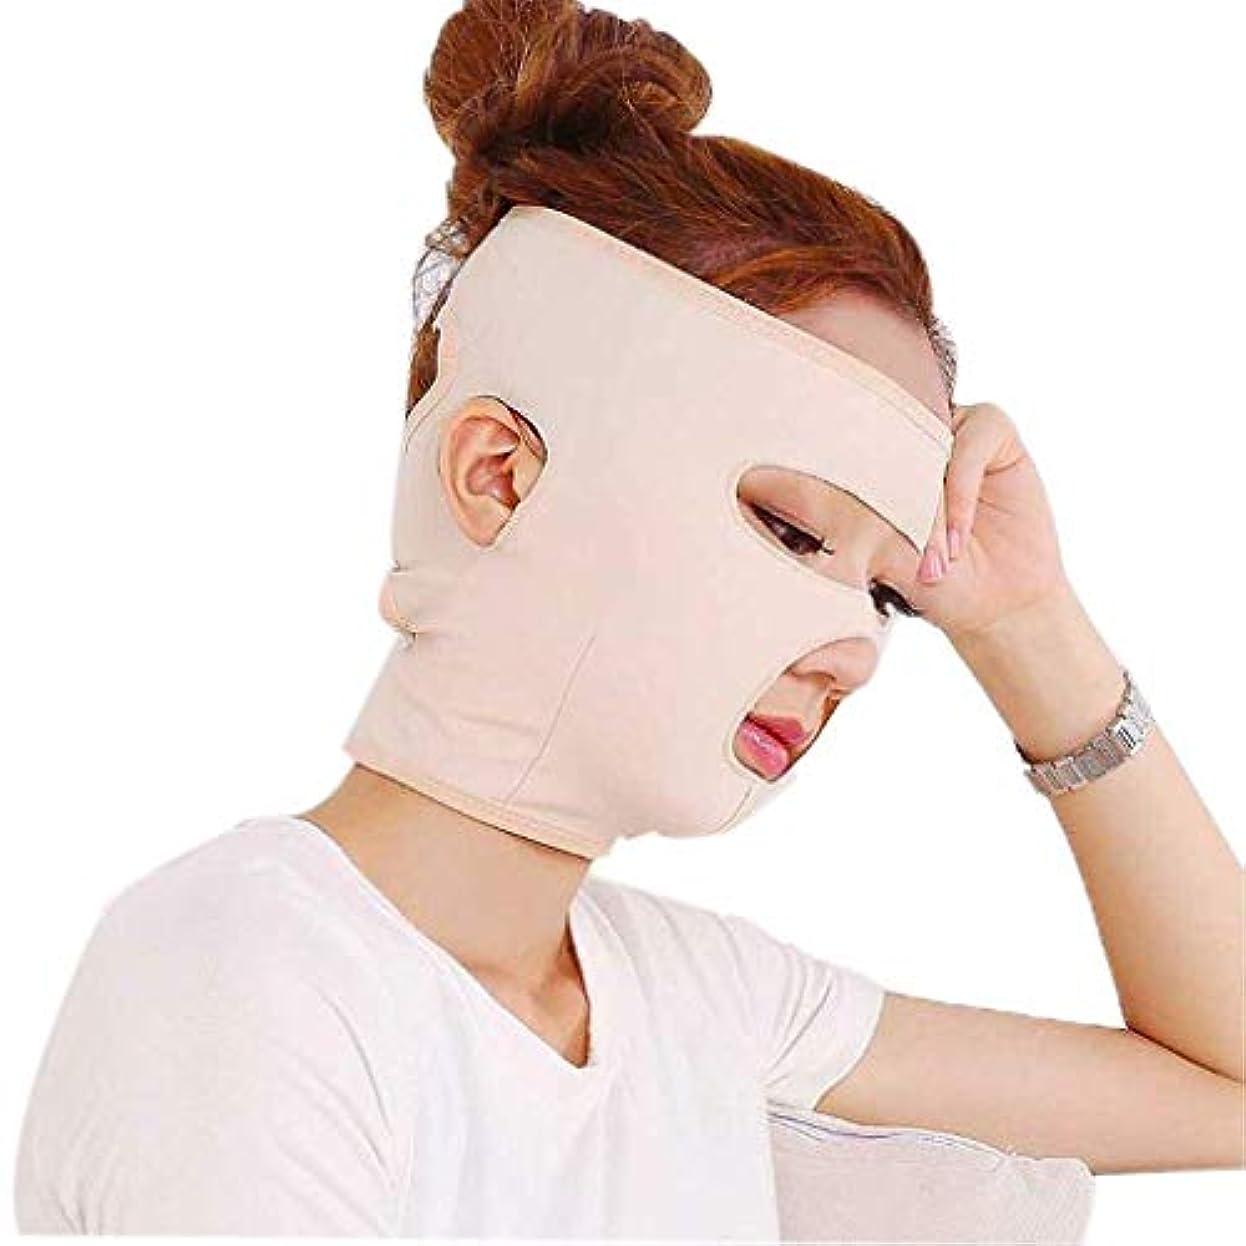 囲むスペイン高さフェイスリフティングマスク、フルフェイス通気性の術後回復包帯リフティング引き締め肌の減少により小さなVフェイスマスクを作成(サイズ:L)